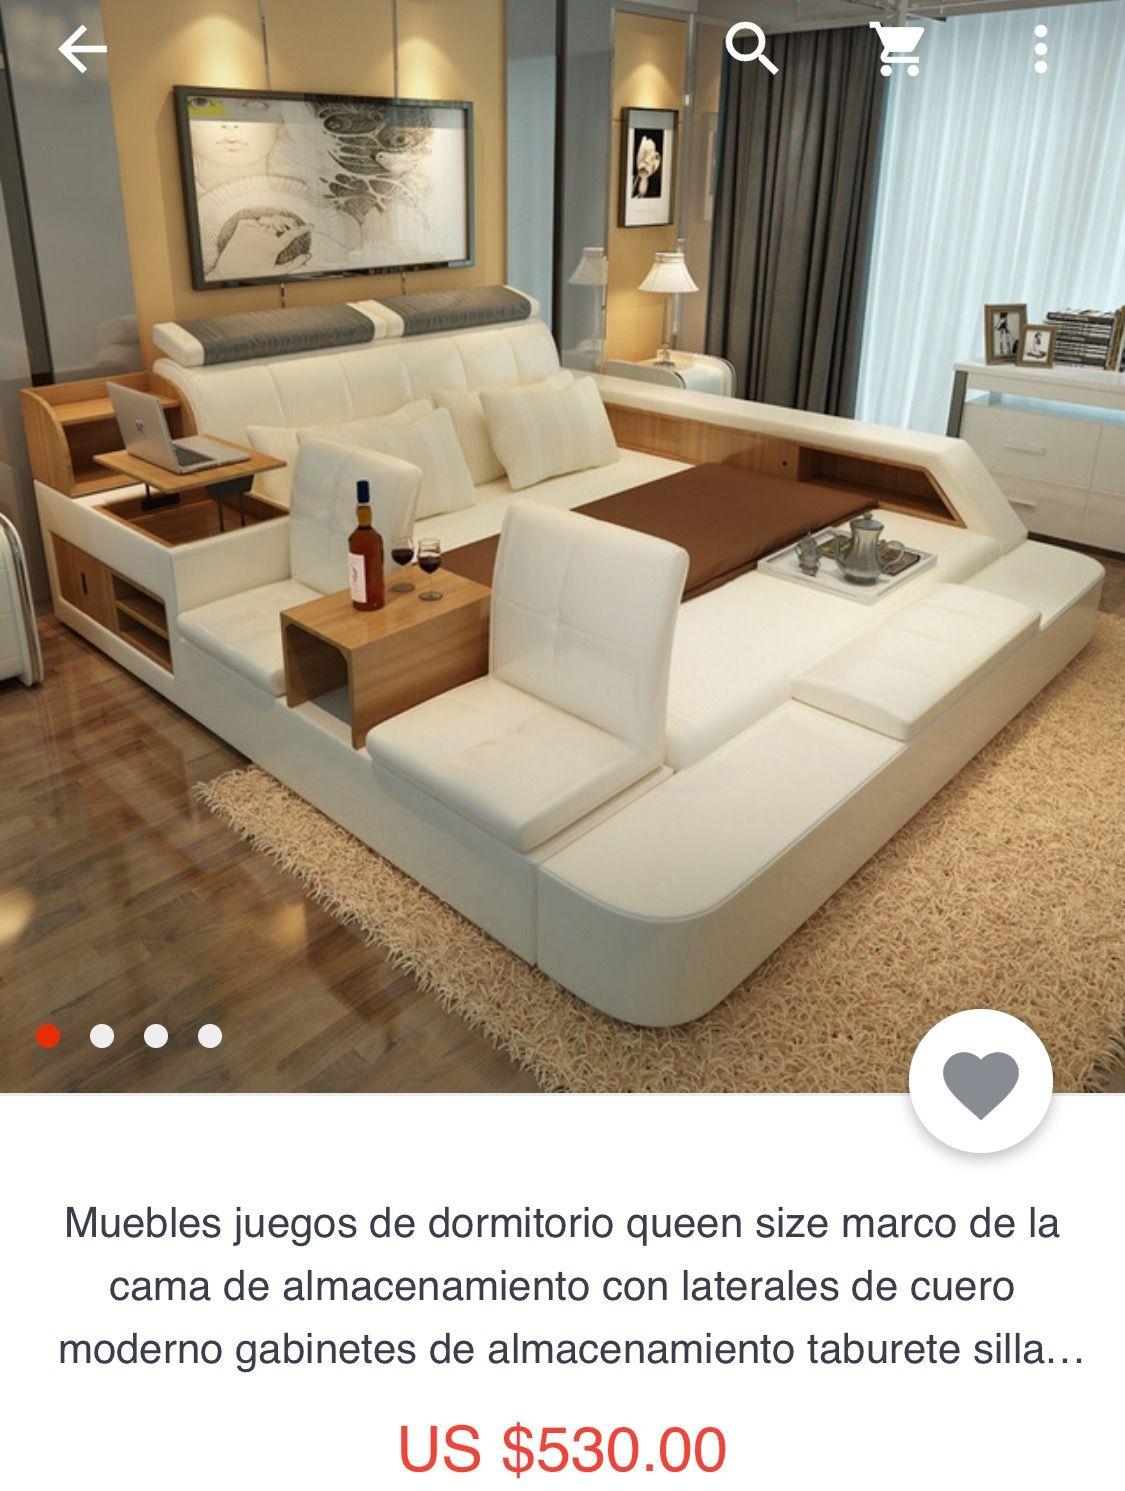 Pin de Vinay en Fvf | Pinterest | Camas, Diseños de camas y Cabecera